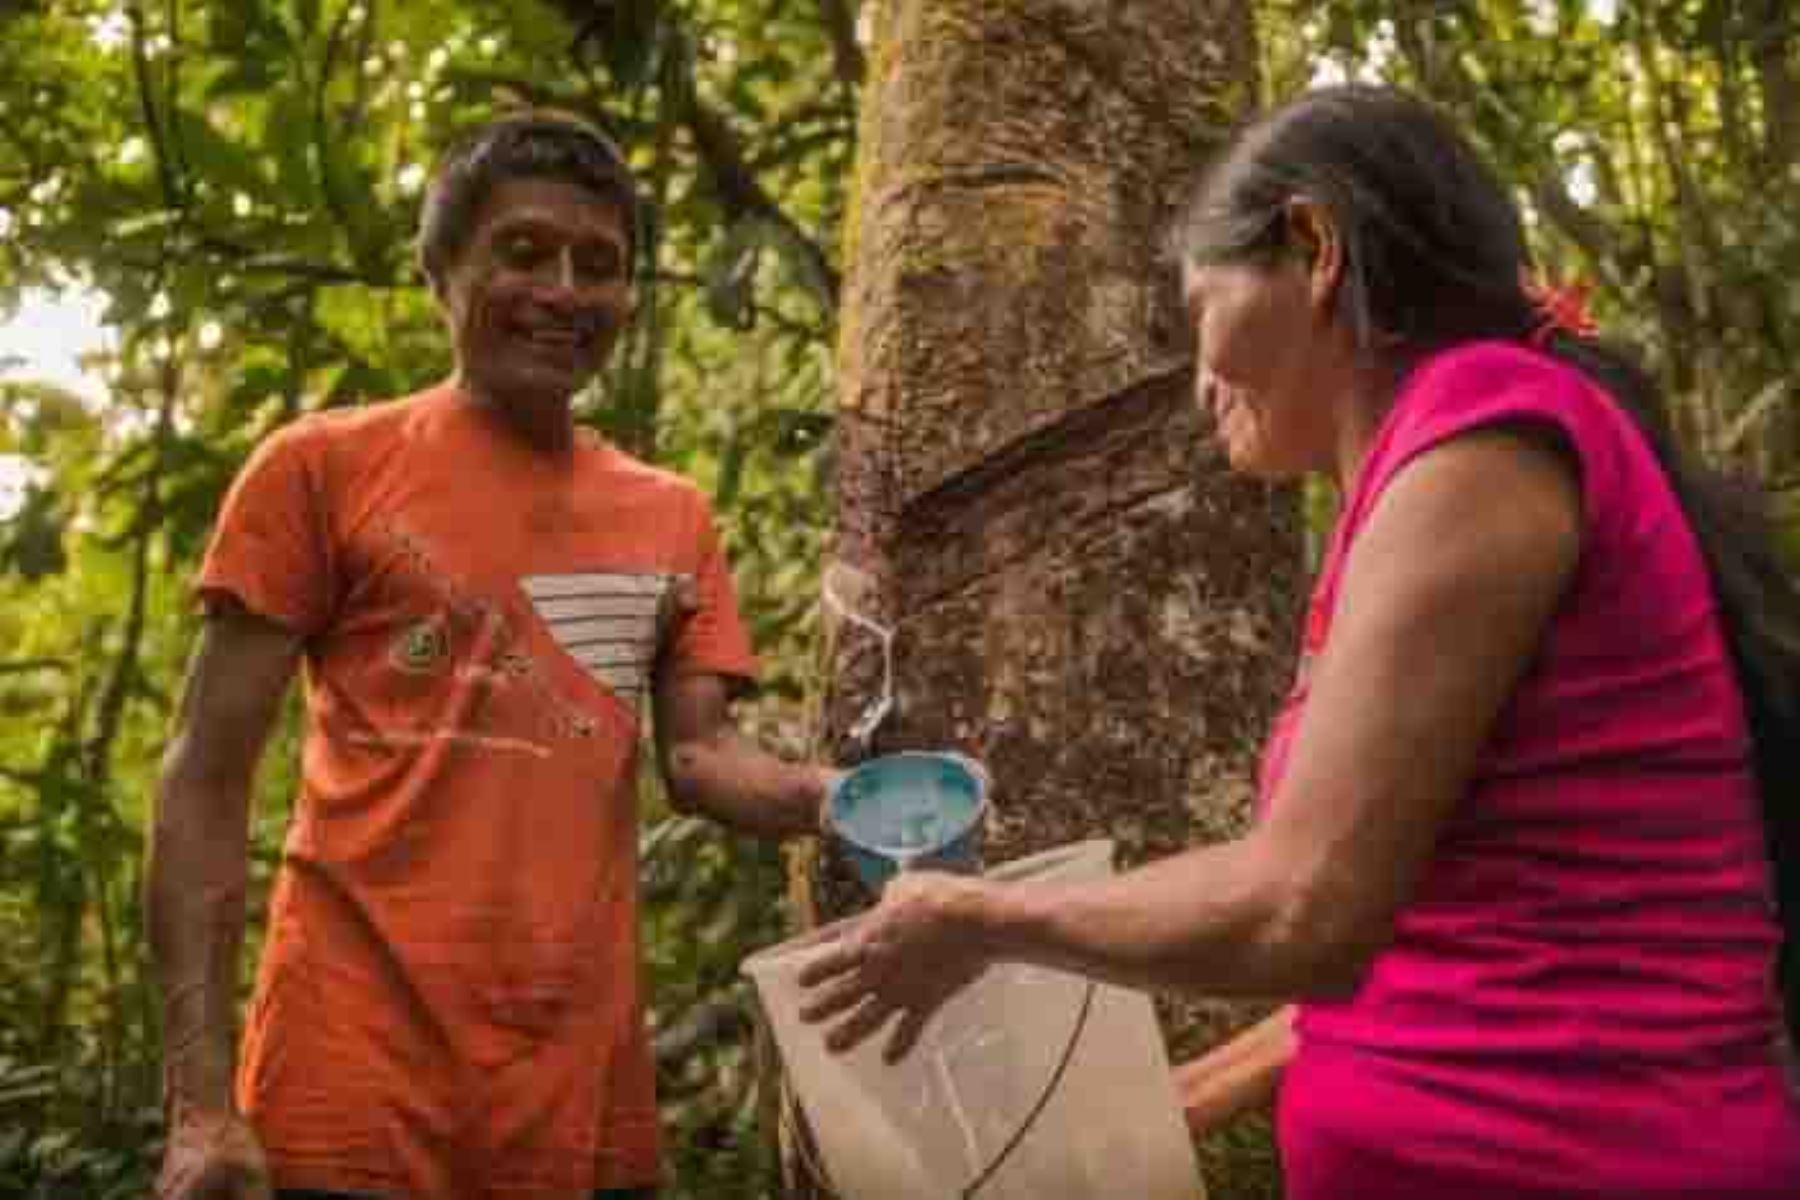 El árbol de la shiringa es una especie forestal amazónica de la cual se extrae el látex natural o silvestre con el cual se produce cuero vegetal que sirve para elaborar productos impermeables como bolsos, mochilas, suelas para calzado, capas, llaveros y artículos artesanales, entre otros. ANDINA/Difusión